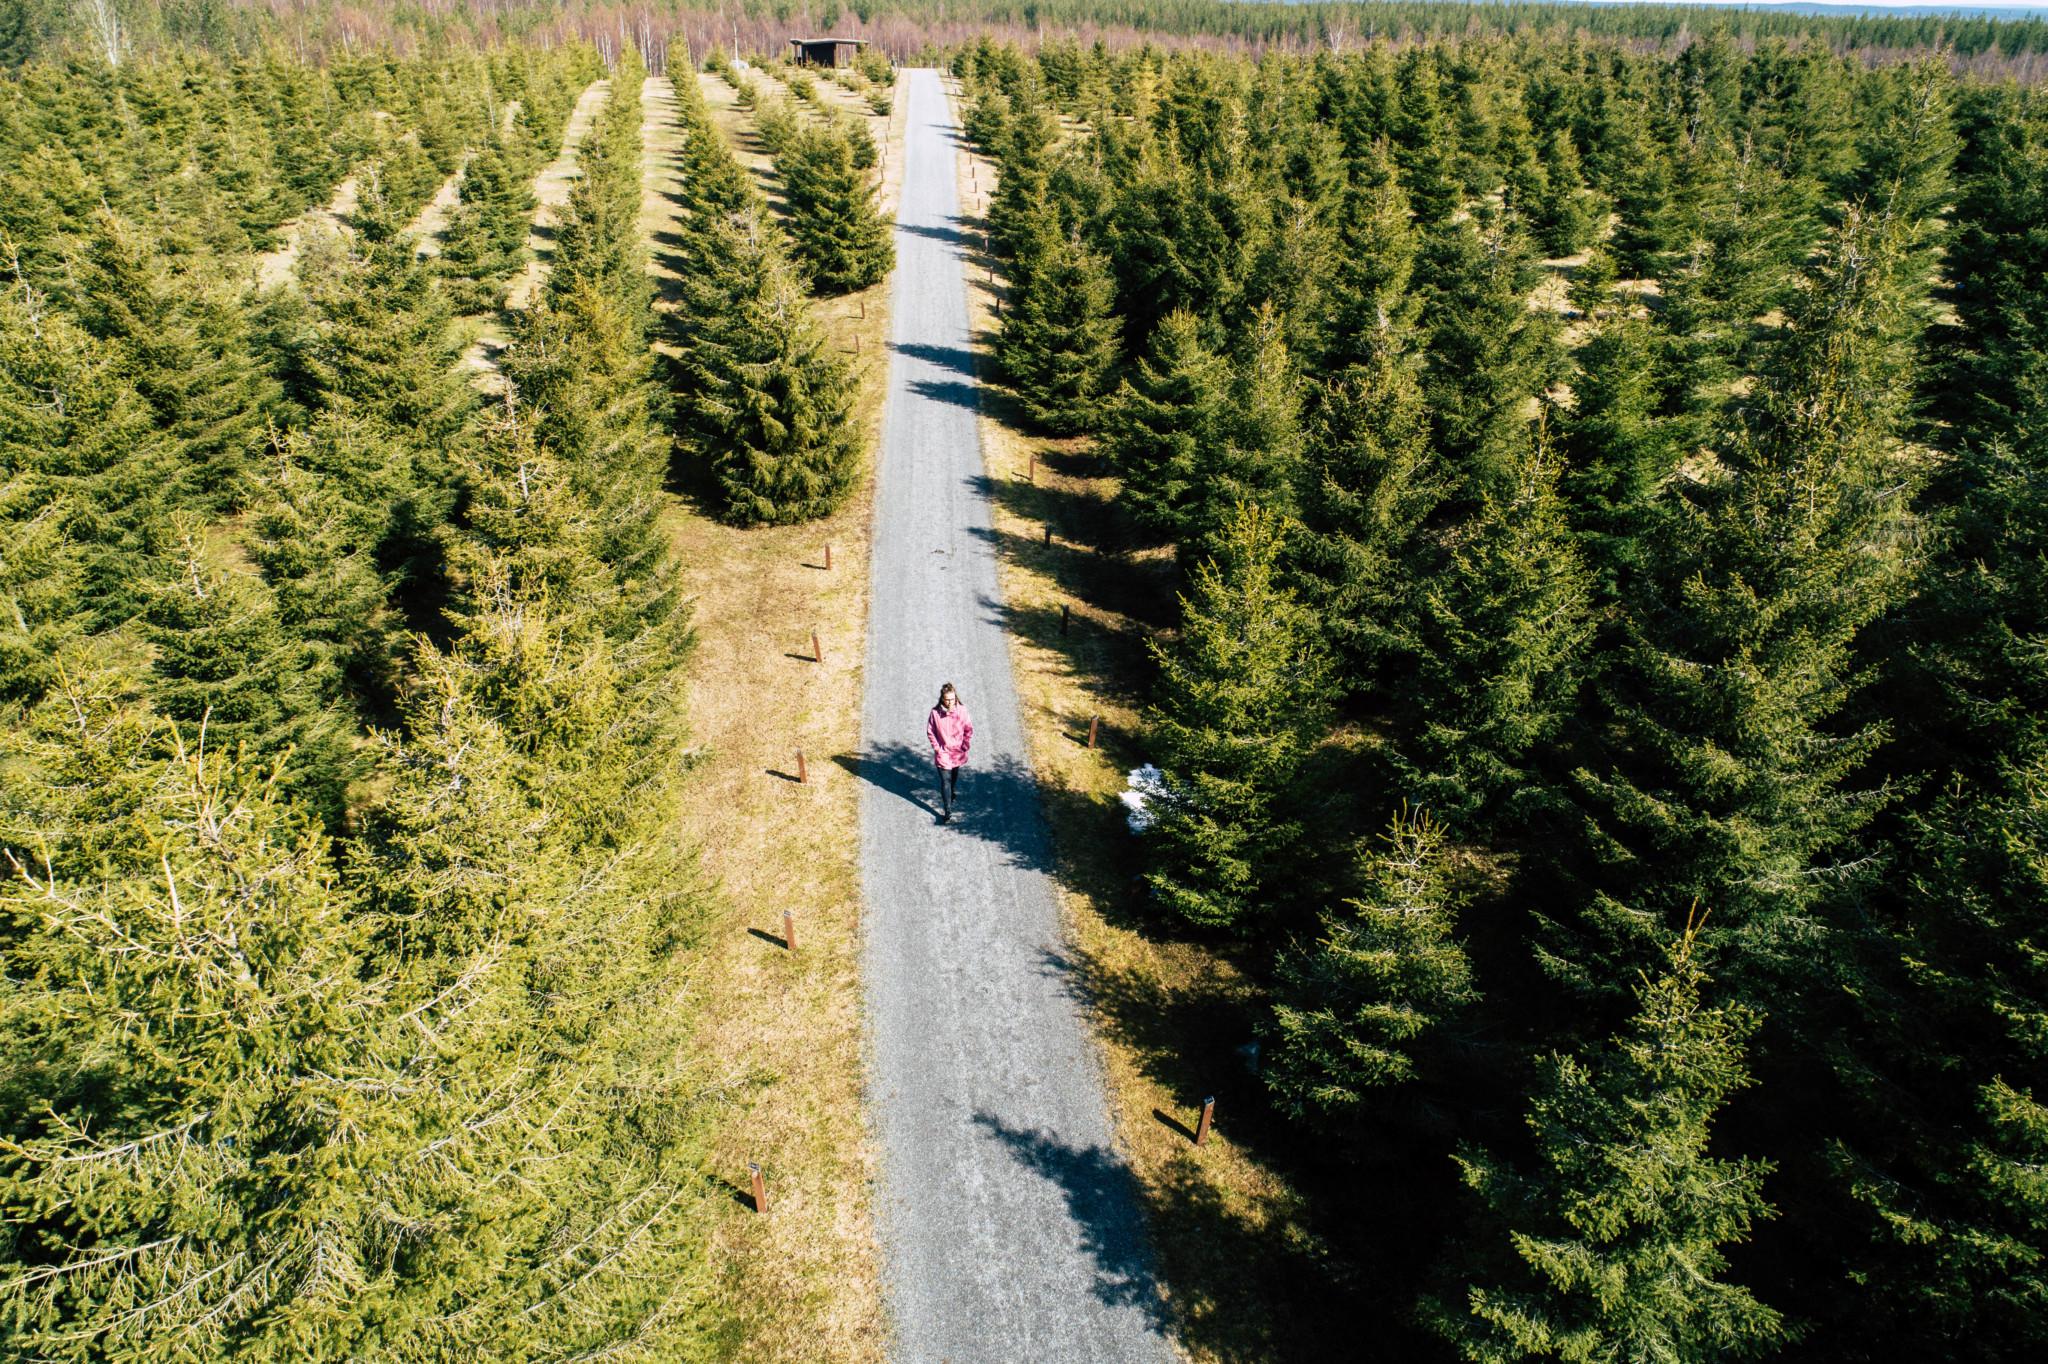 Joulupukin metsä, Rovaniemi